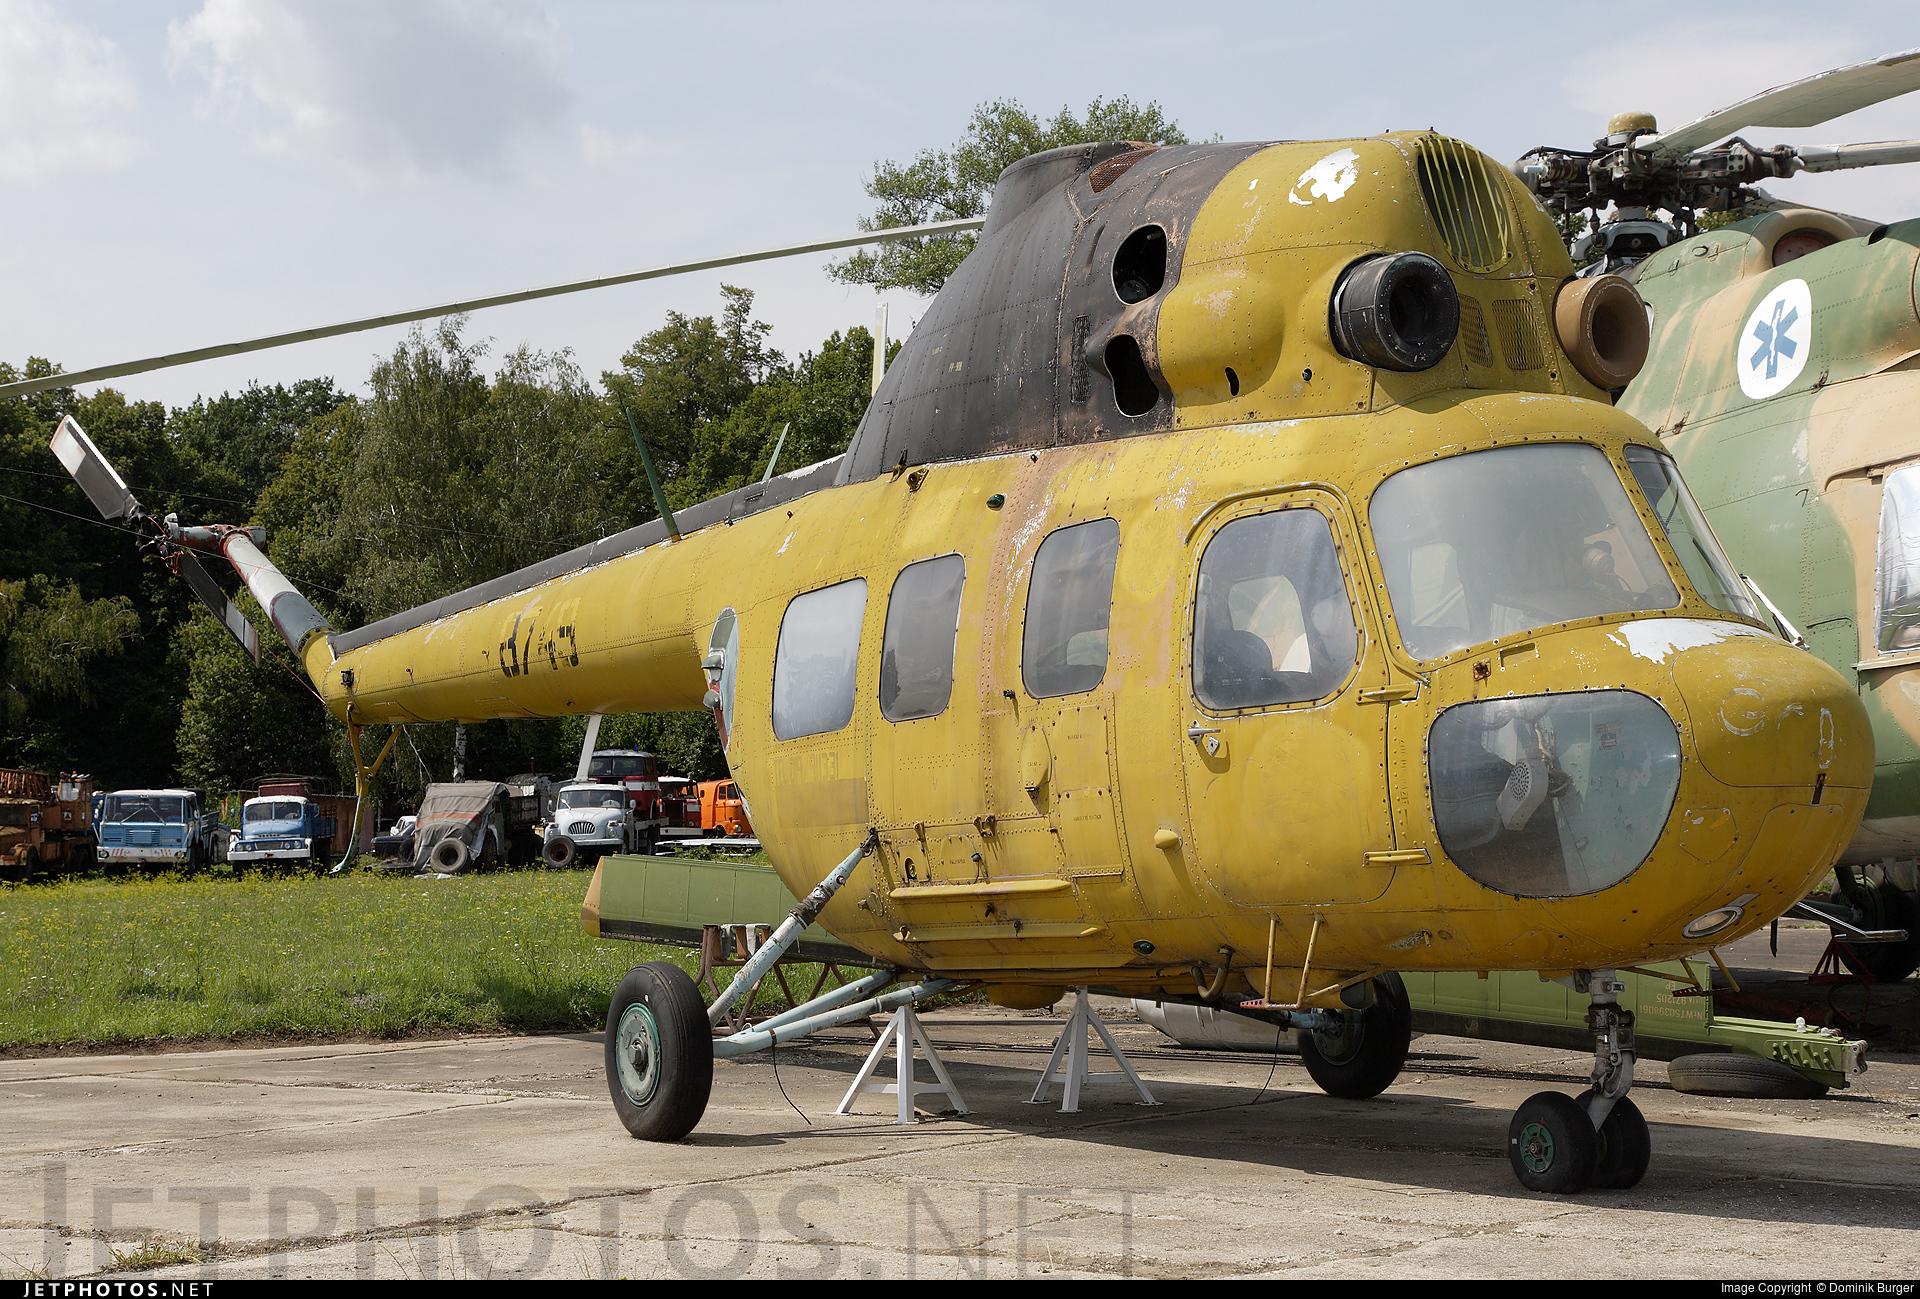 8749 - PZL-Swidnik Mi-2 Hoplite - Czech Republic - Air Force